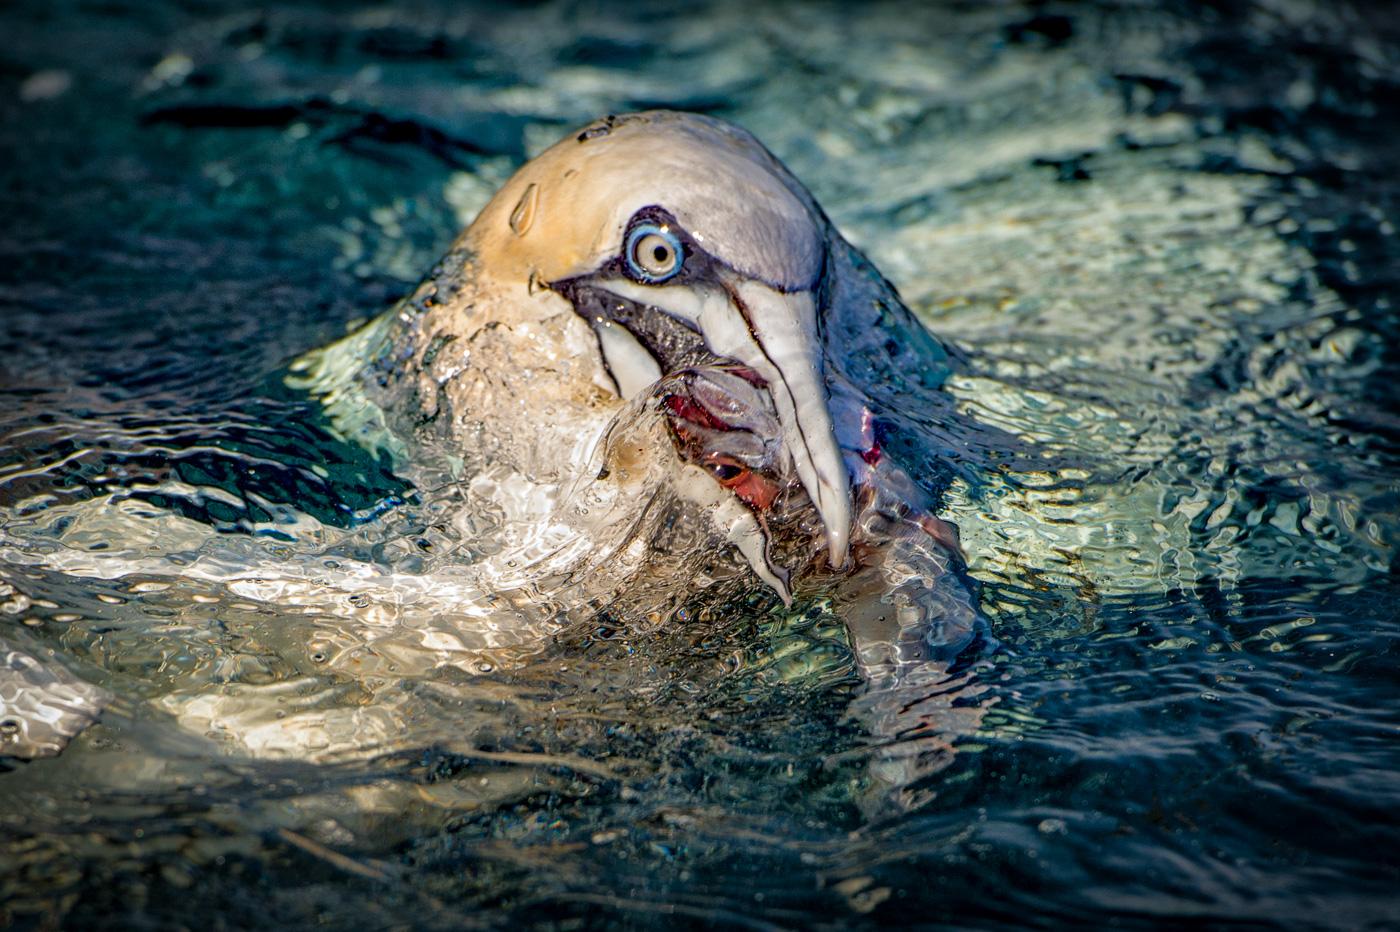 gannet hunt fish mackerel ireland